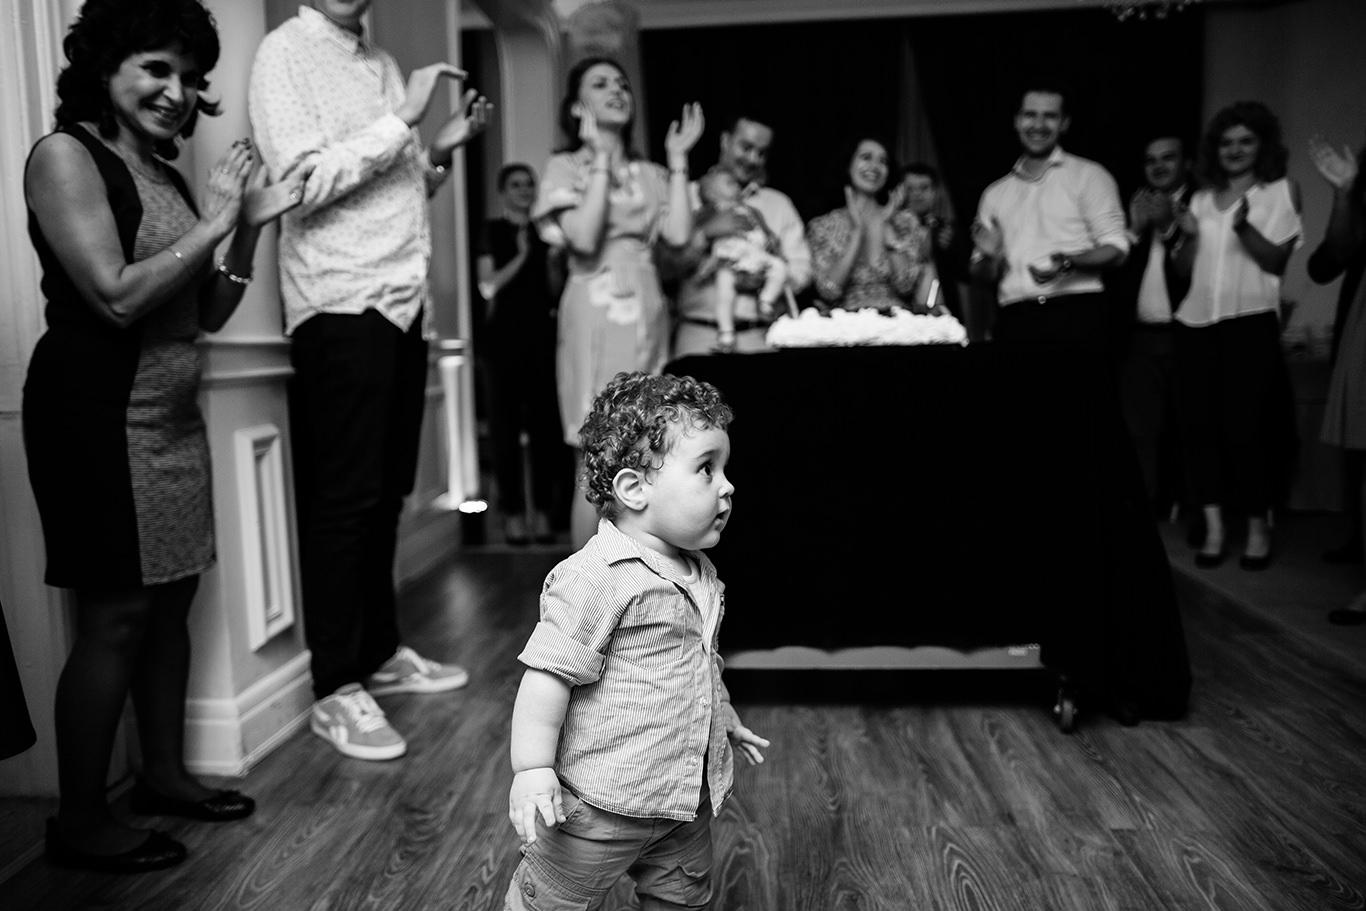 Cum deja s-a terminat botezul